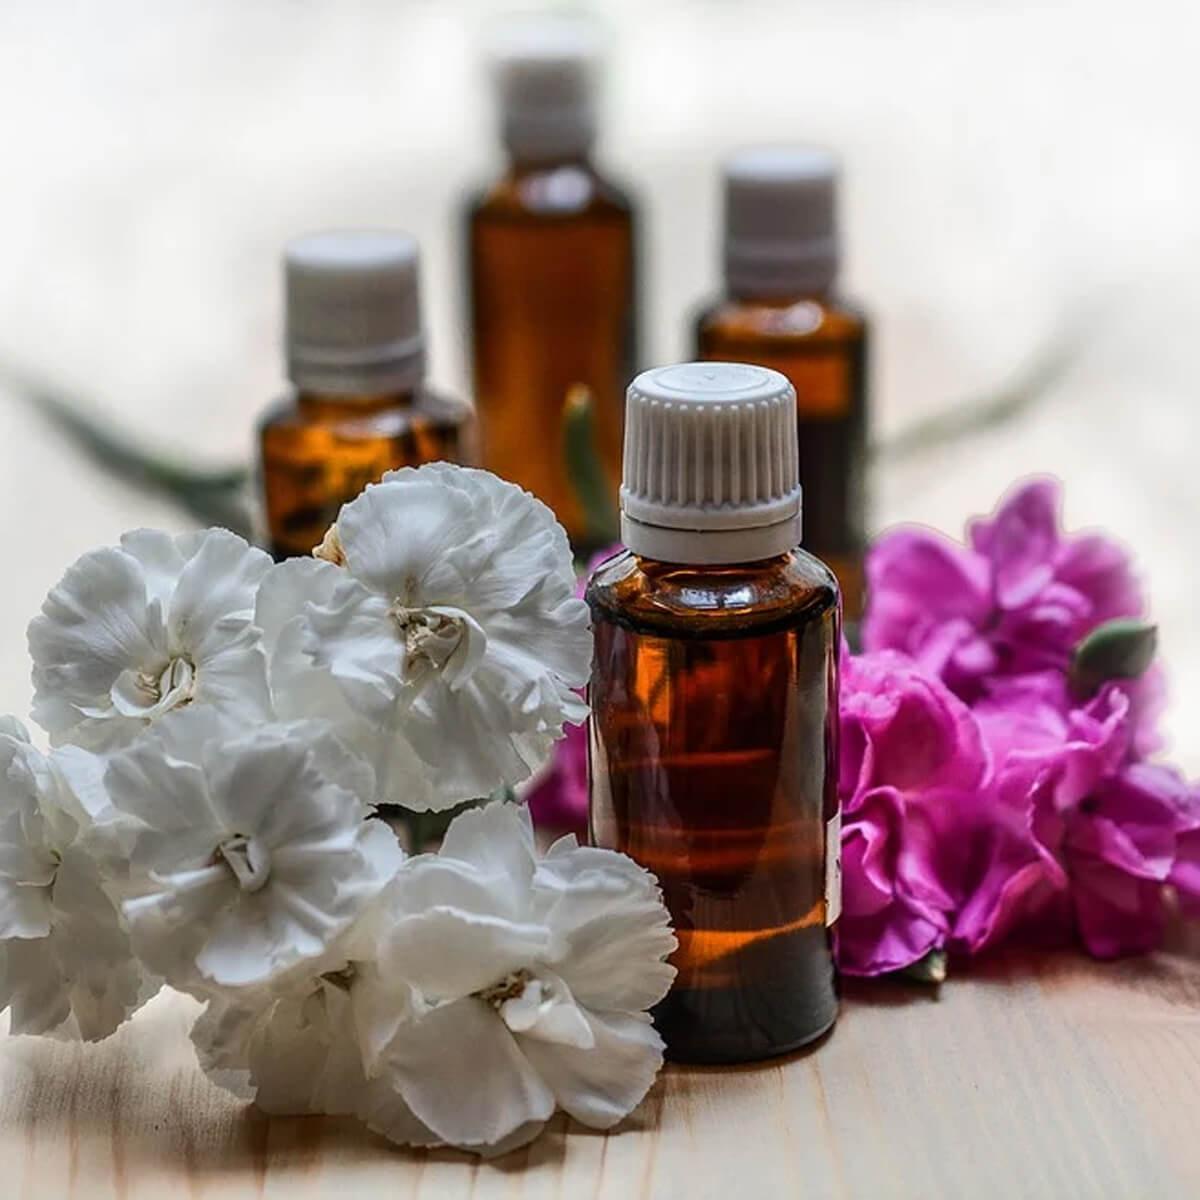 Eau_florale_ou_hydrolat_sur_AM-Cosmetiques.jpg